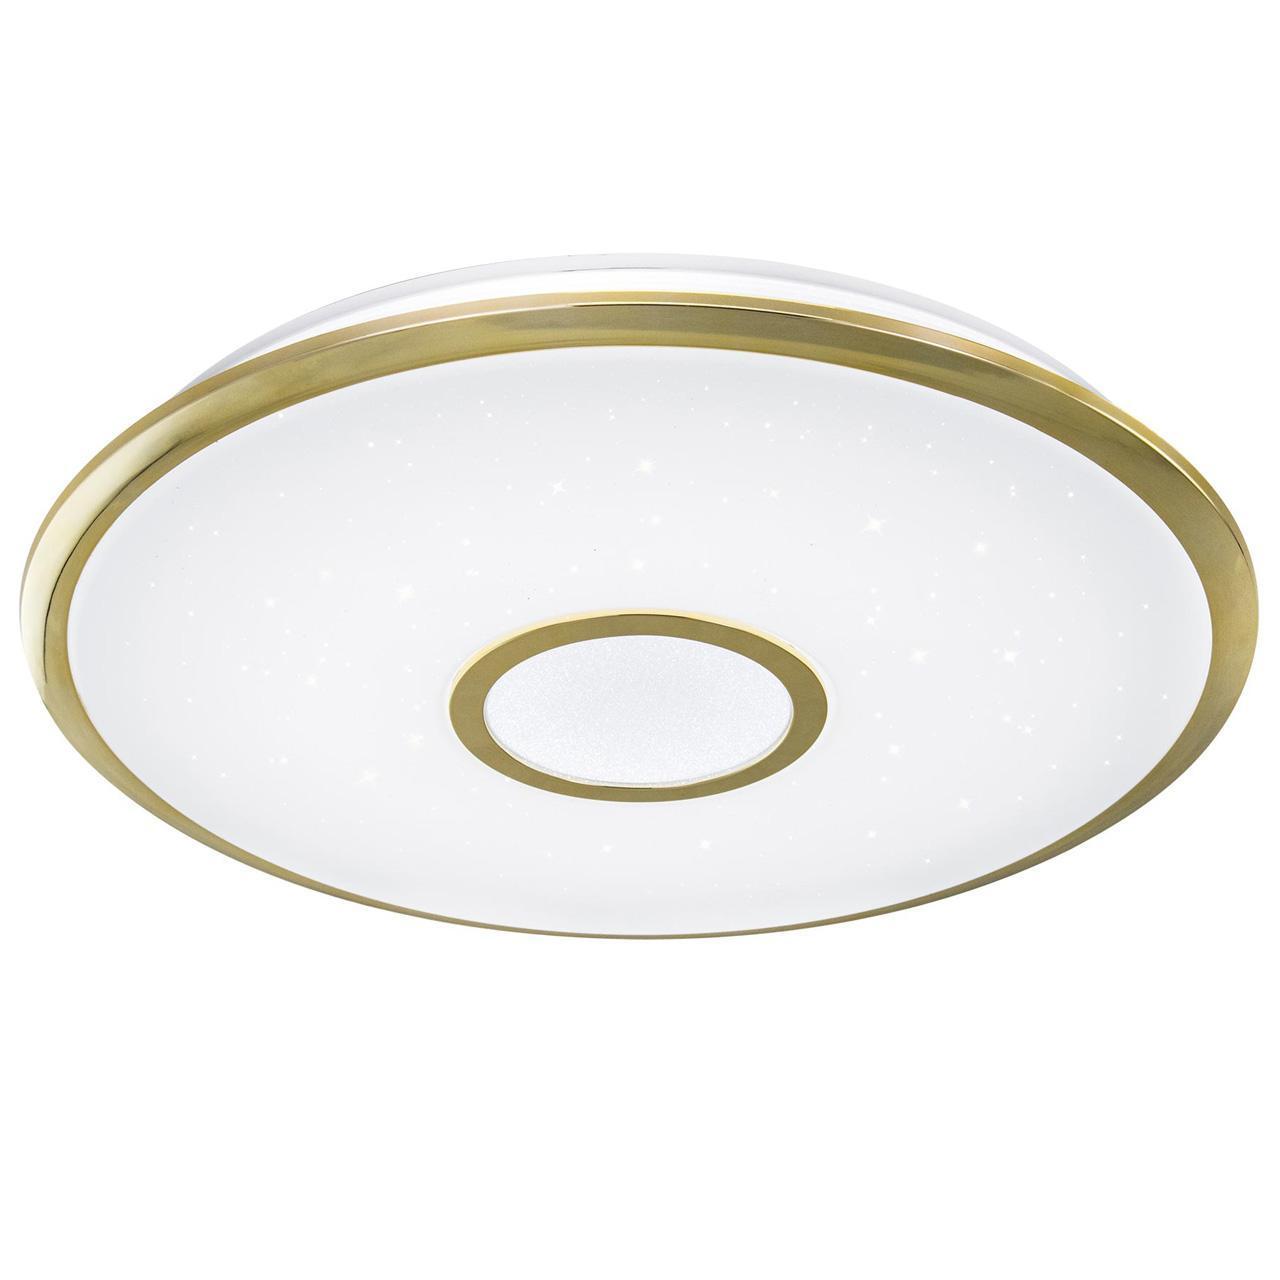 Потолочный светильник ДУ Citilux СтарЛайт CL70362R светильник с пультом citilux cl70362r led 1w 3000k 4500k 5790080109582